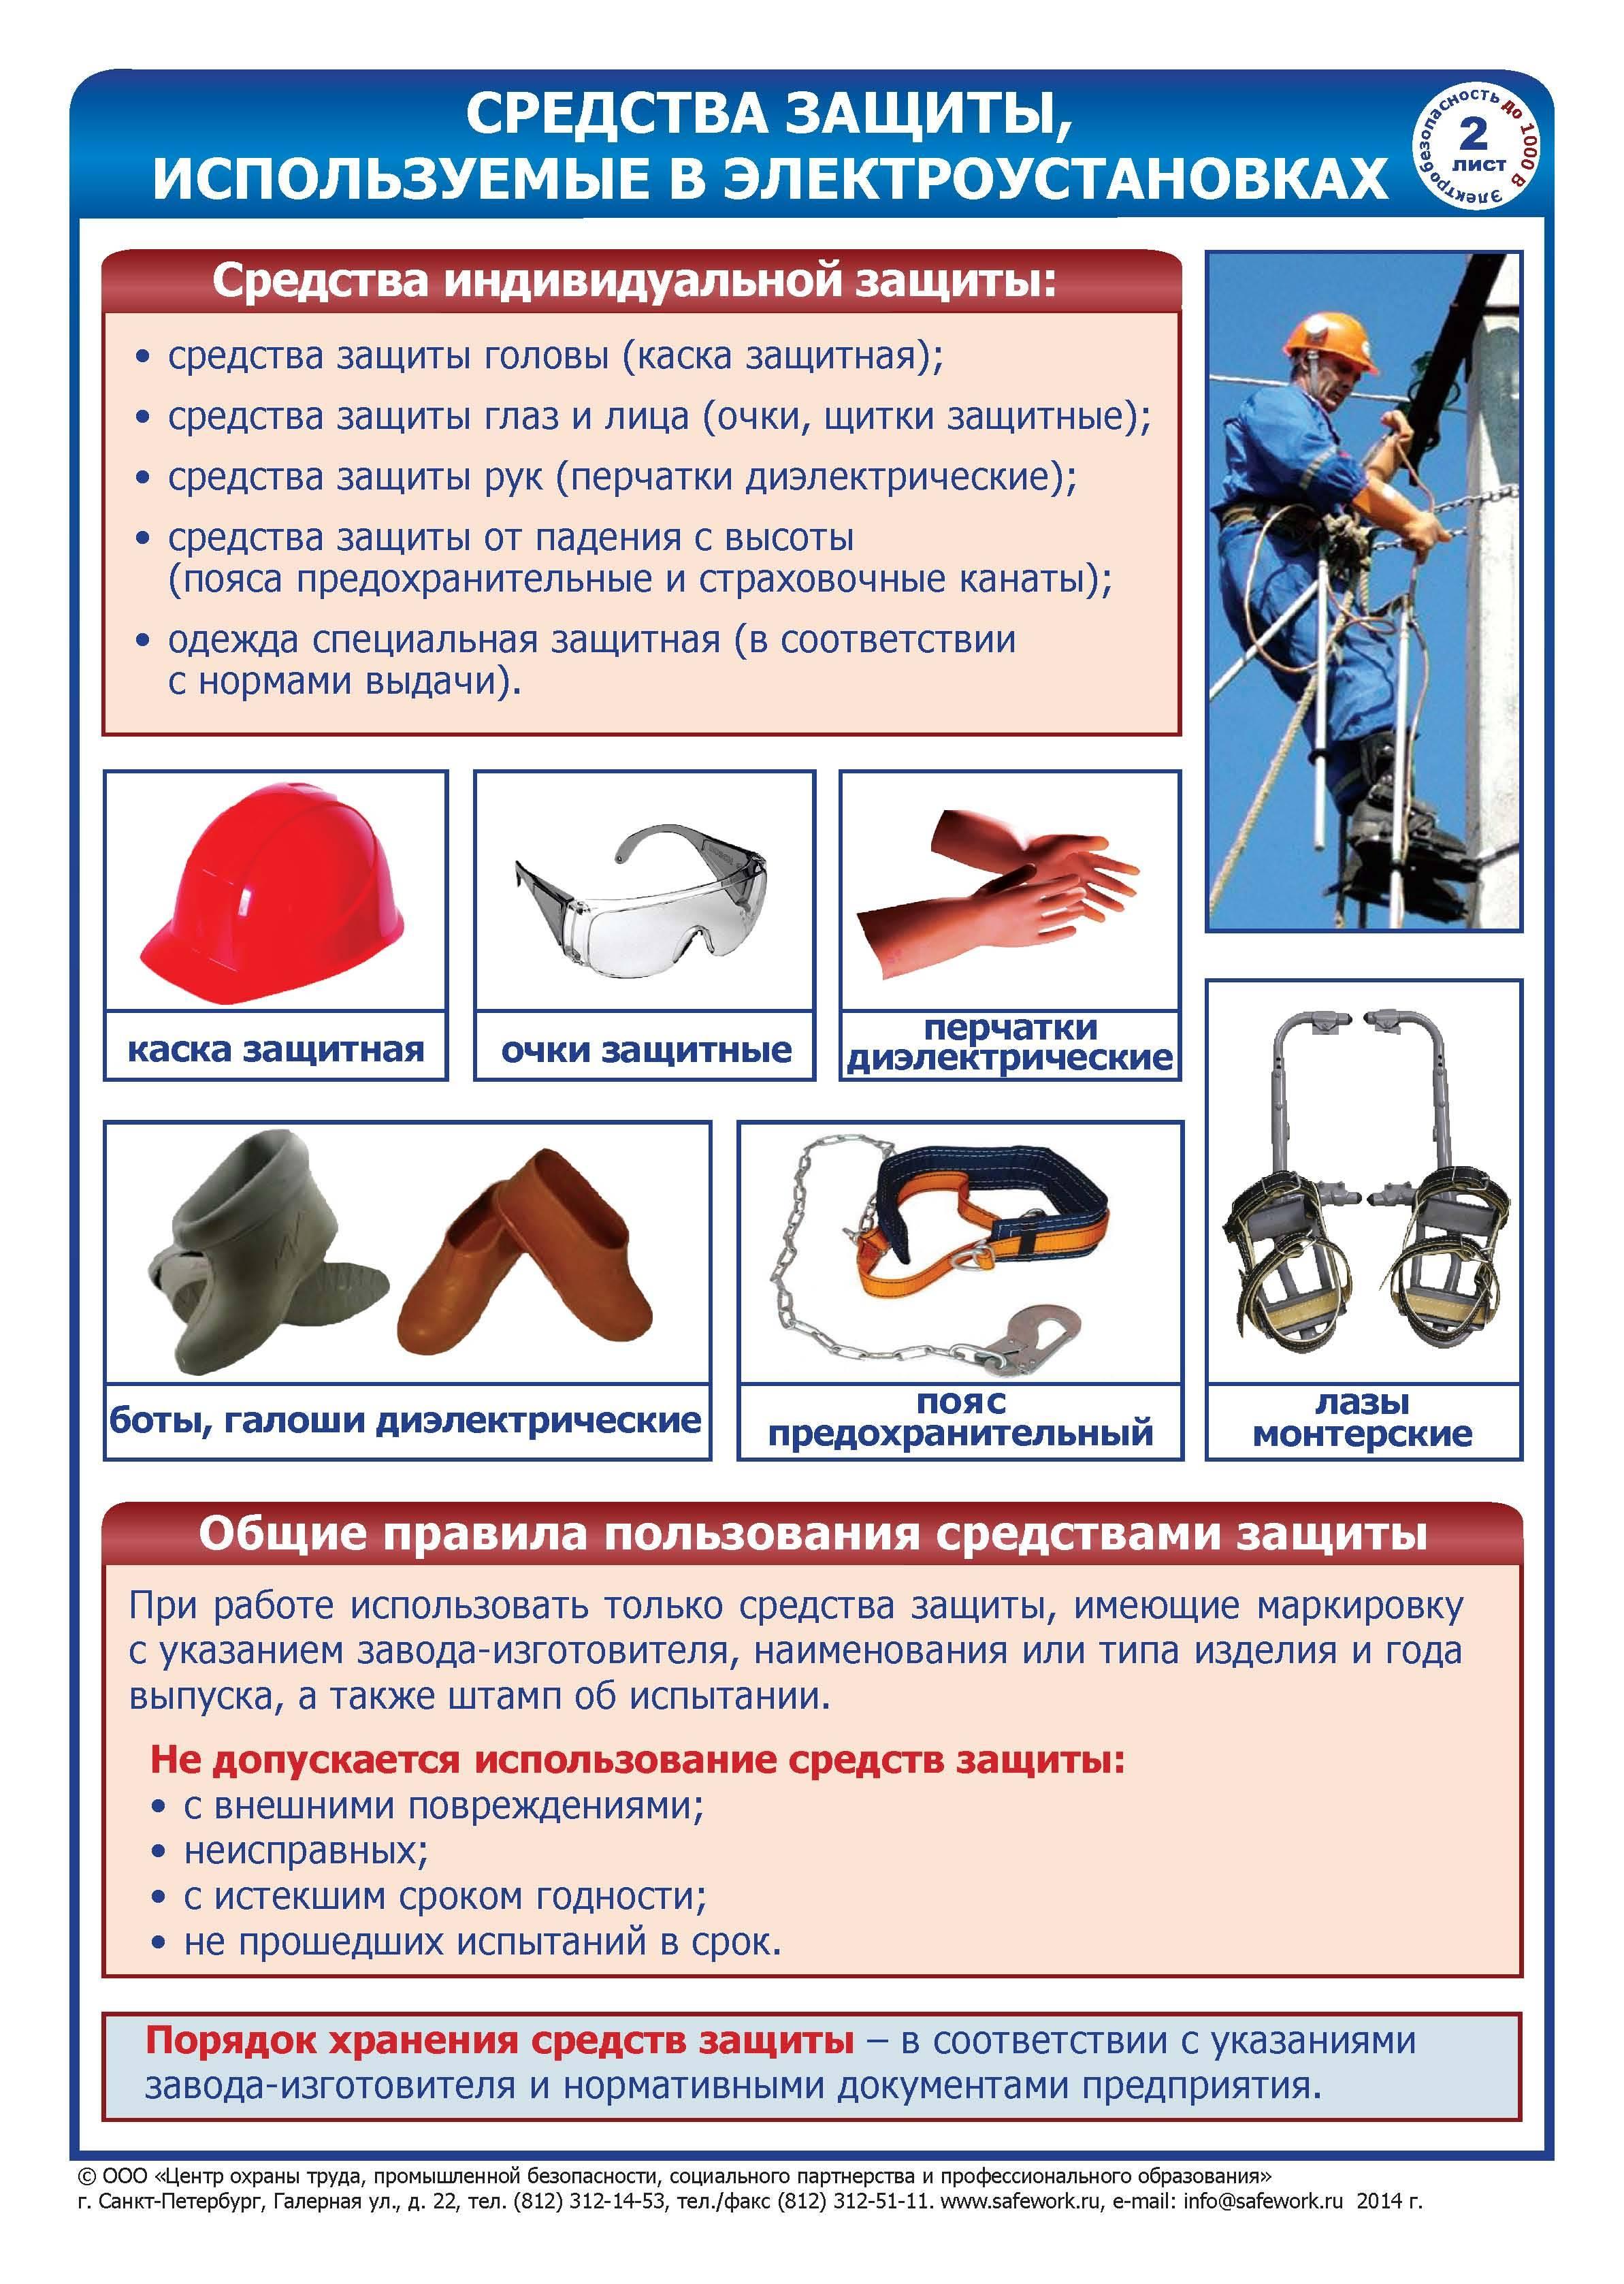 Электрозащитные средства — классификация и хранение